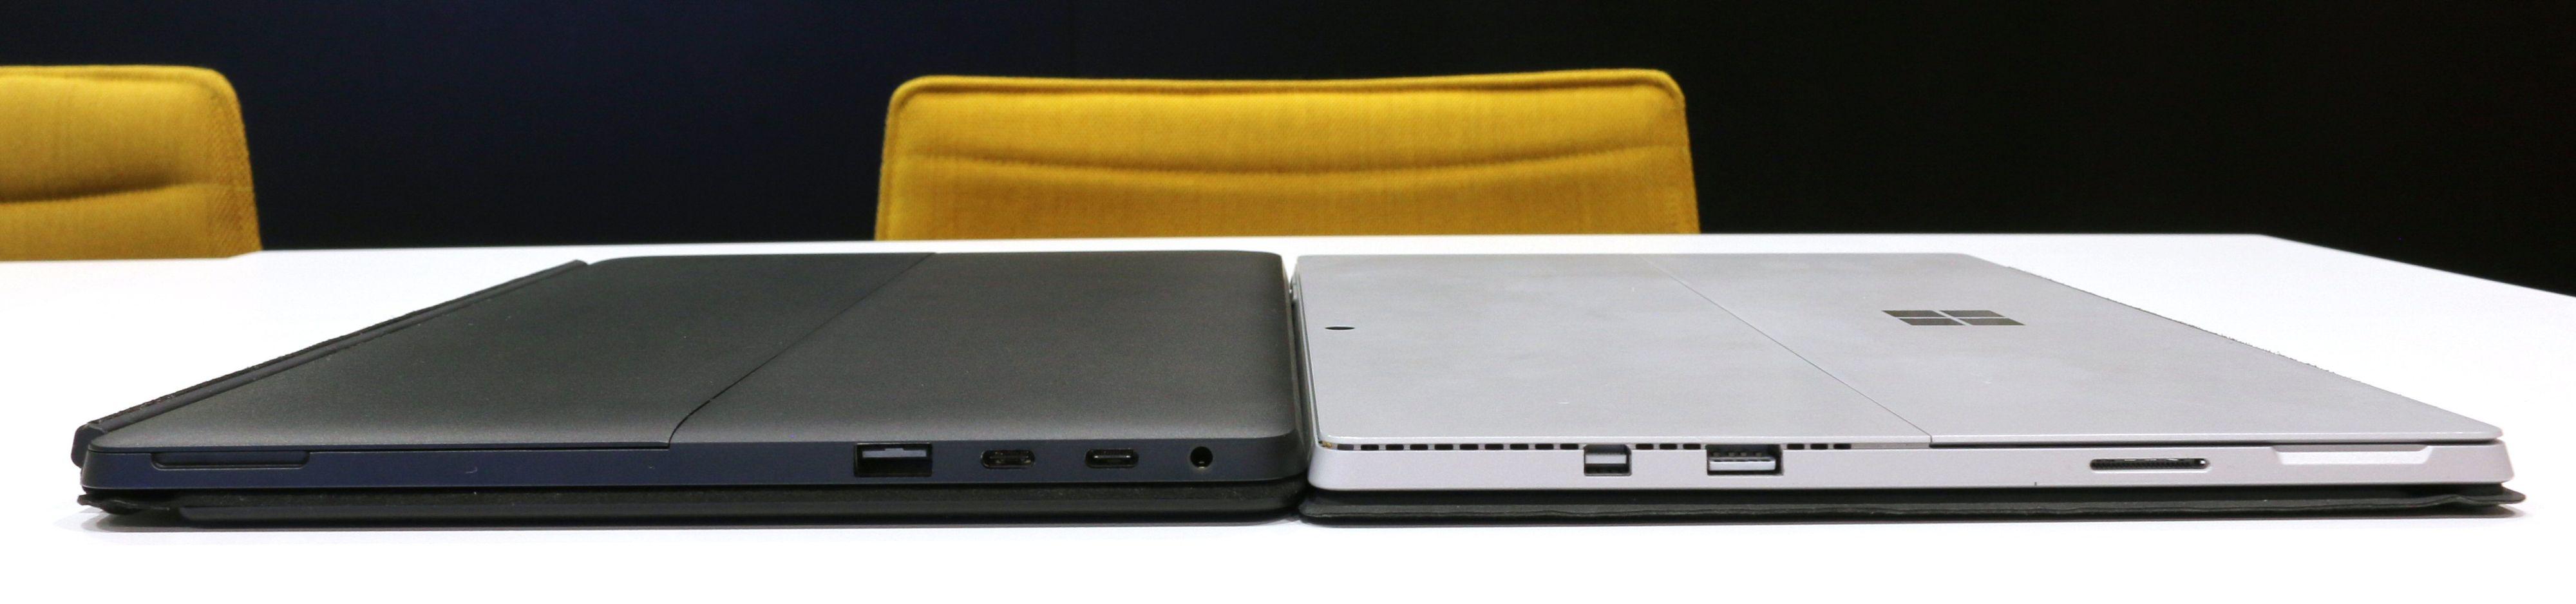 Eve V er ikke påtagelig mye tykkere enn en Surface Pro, men den er merkbart tyngre. Bilde: Vegar Jansen, Tek.no